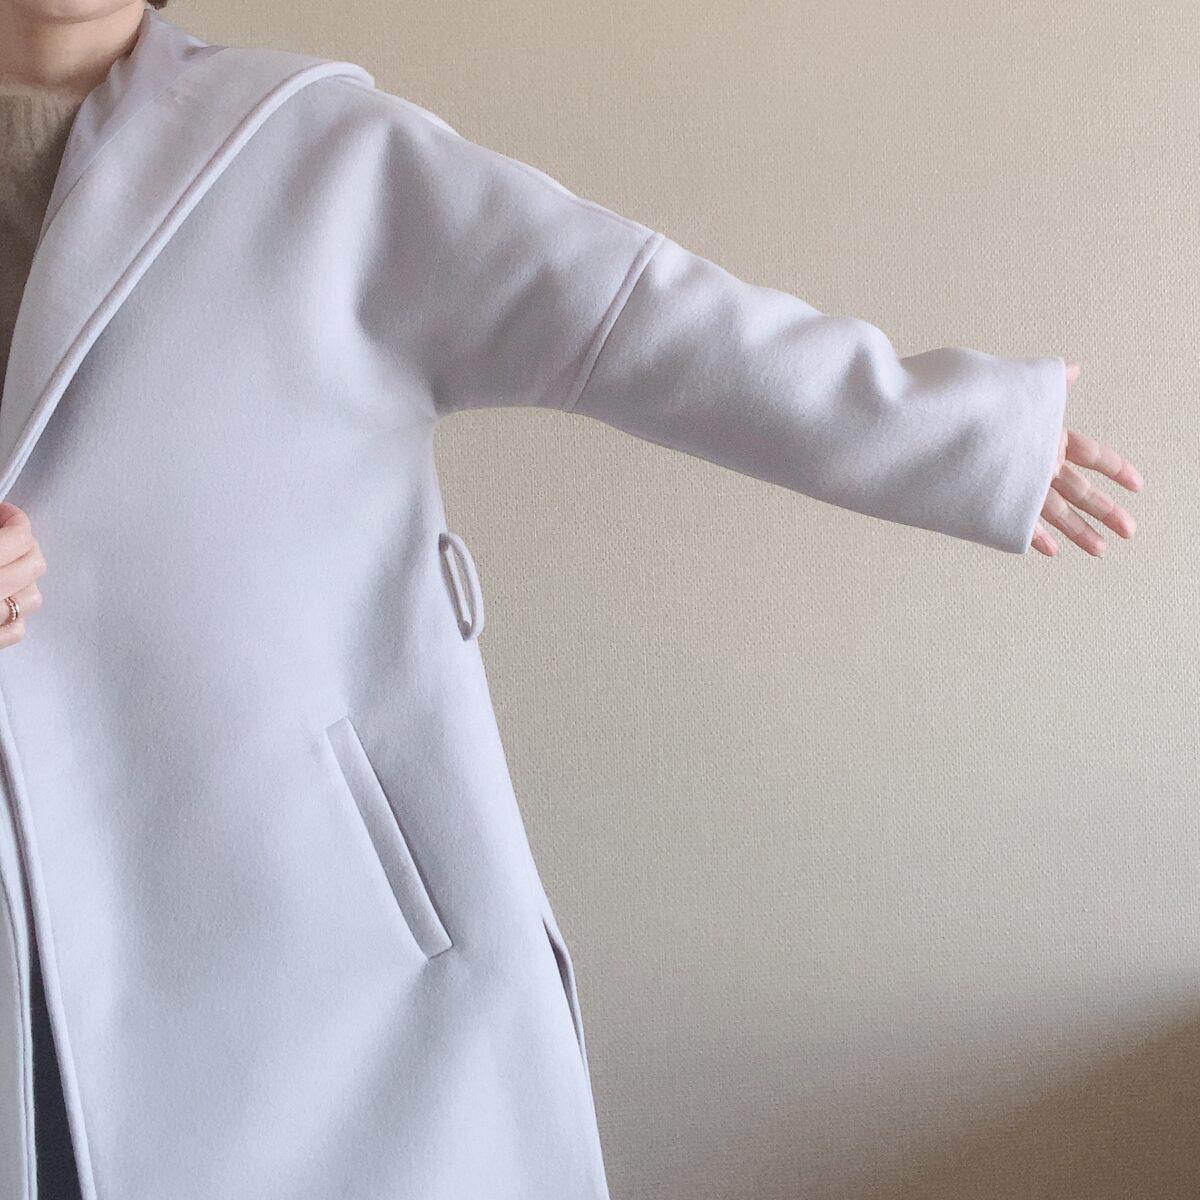 小柄女性 腕周りが広いコート